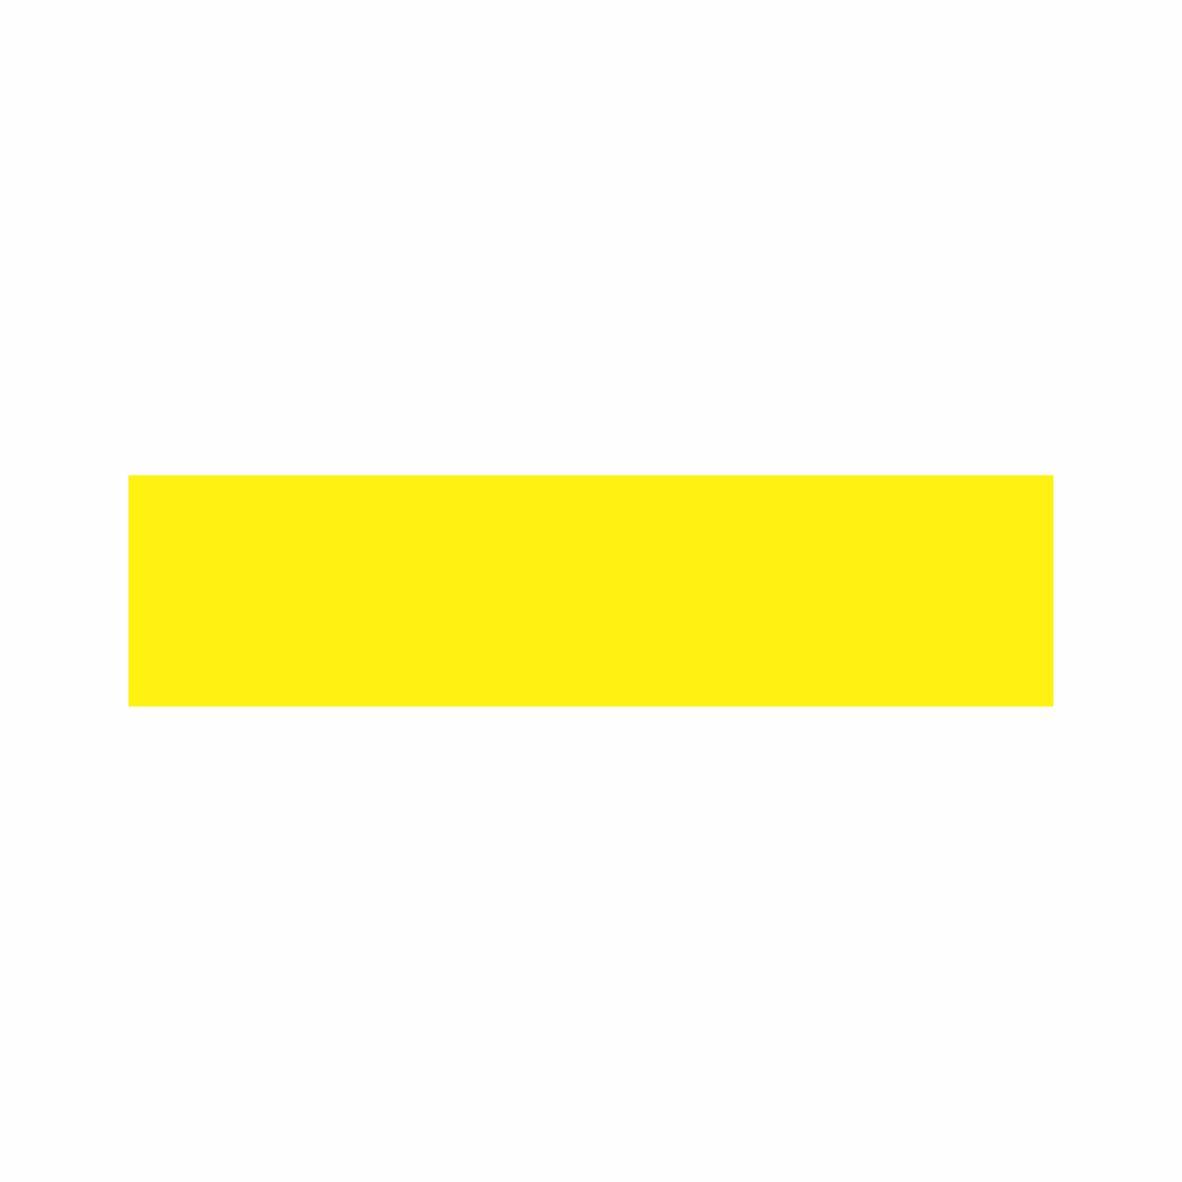 Amarelo  - Towbar Sinalização de Segurança